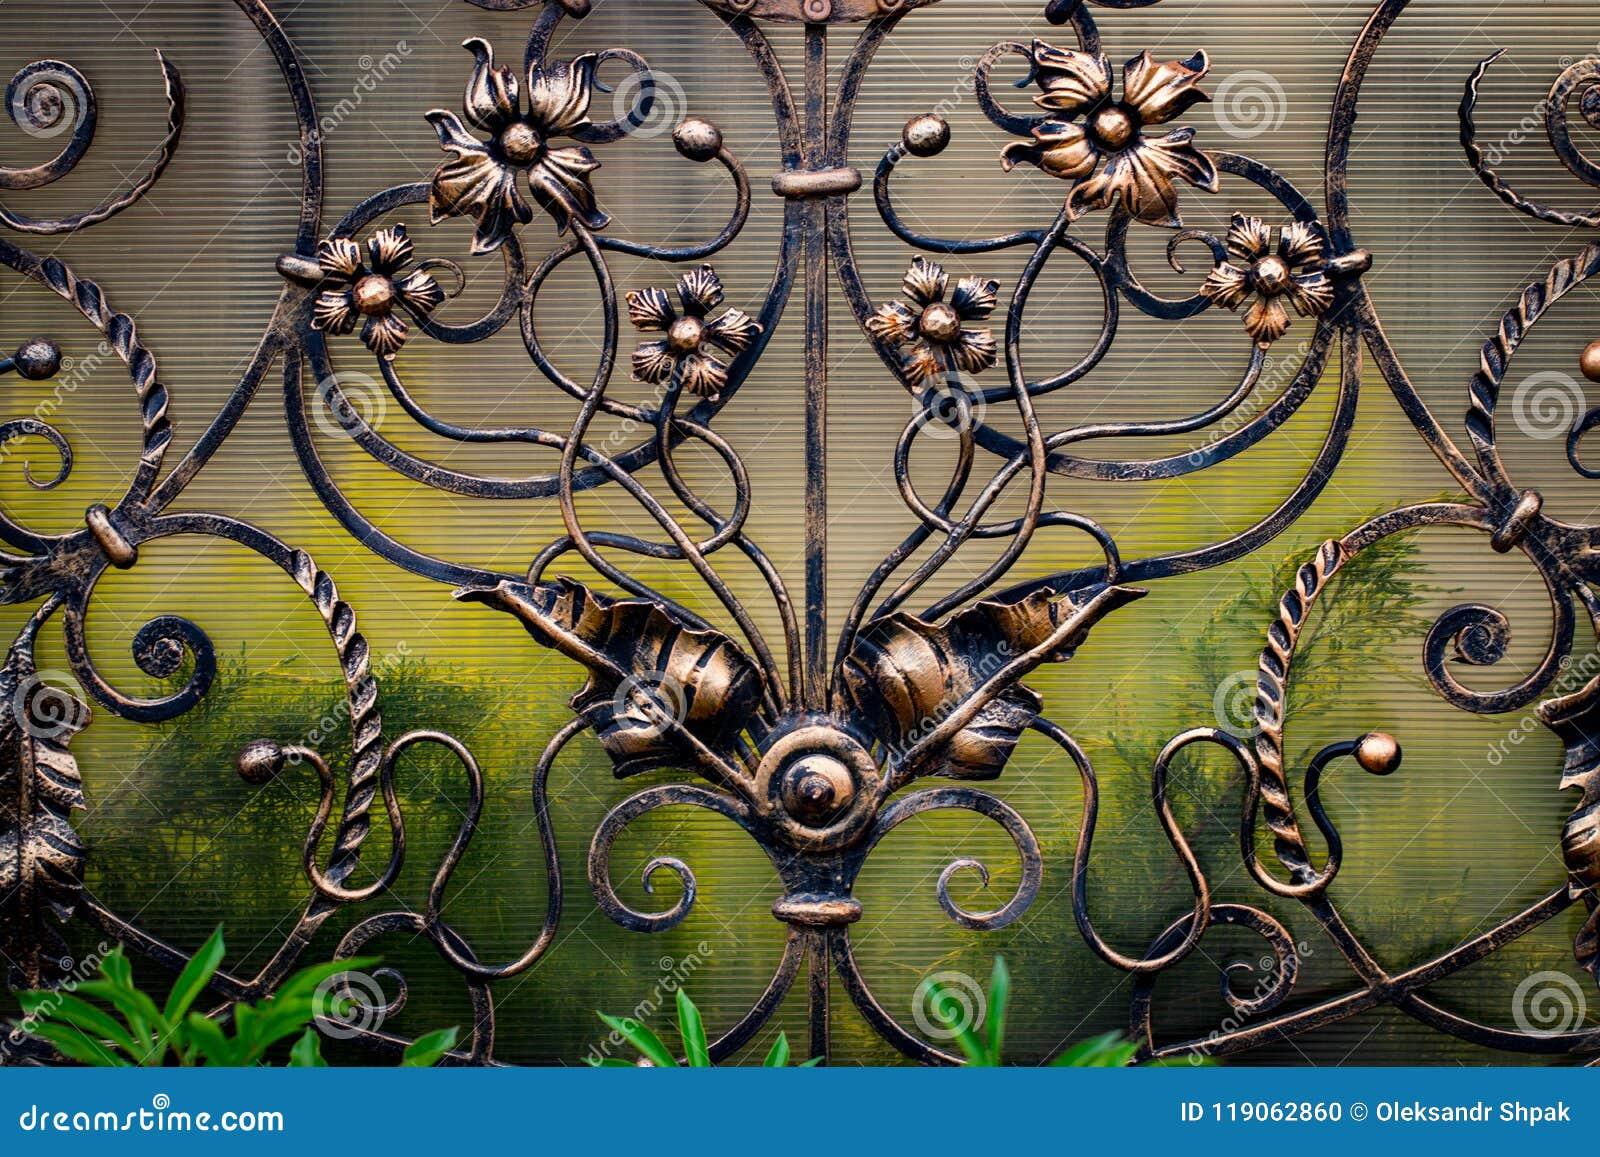 Portas do ferro forjado, forjamento decorativo, close-up forjado dos elementos